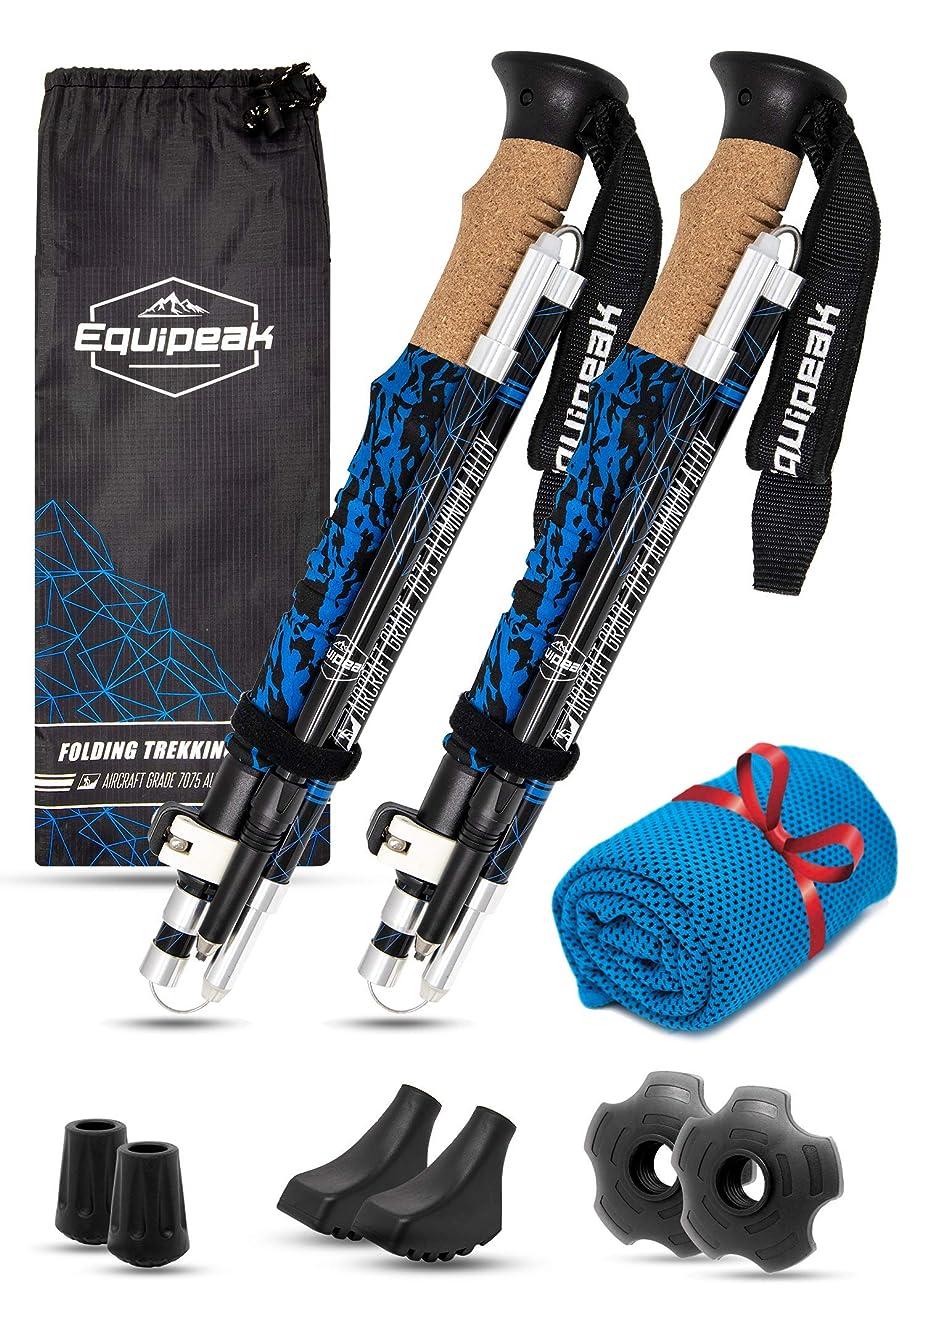 Equipeak Collapsible Folding Hiking & Trekking Sticks - 2 Aluminum Walking Poles with Real Cork & EVA Handle Grip Set - Ultra Strong Locking - for Men & Women